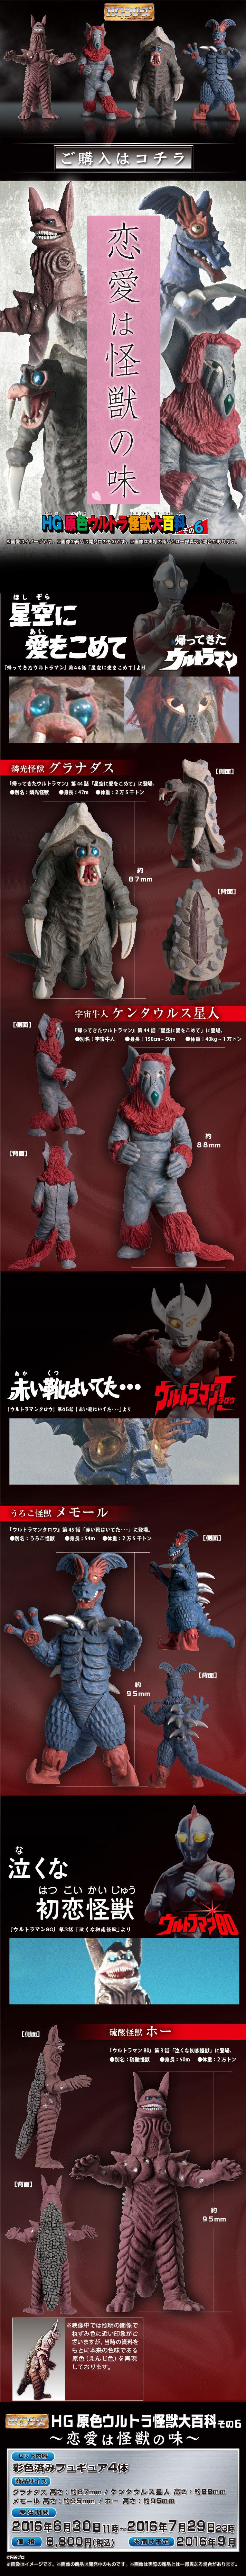 HG原色ウルトラ怪獣大百科その6